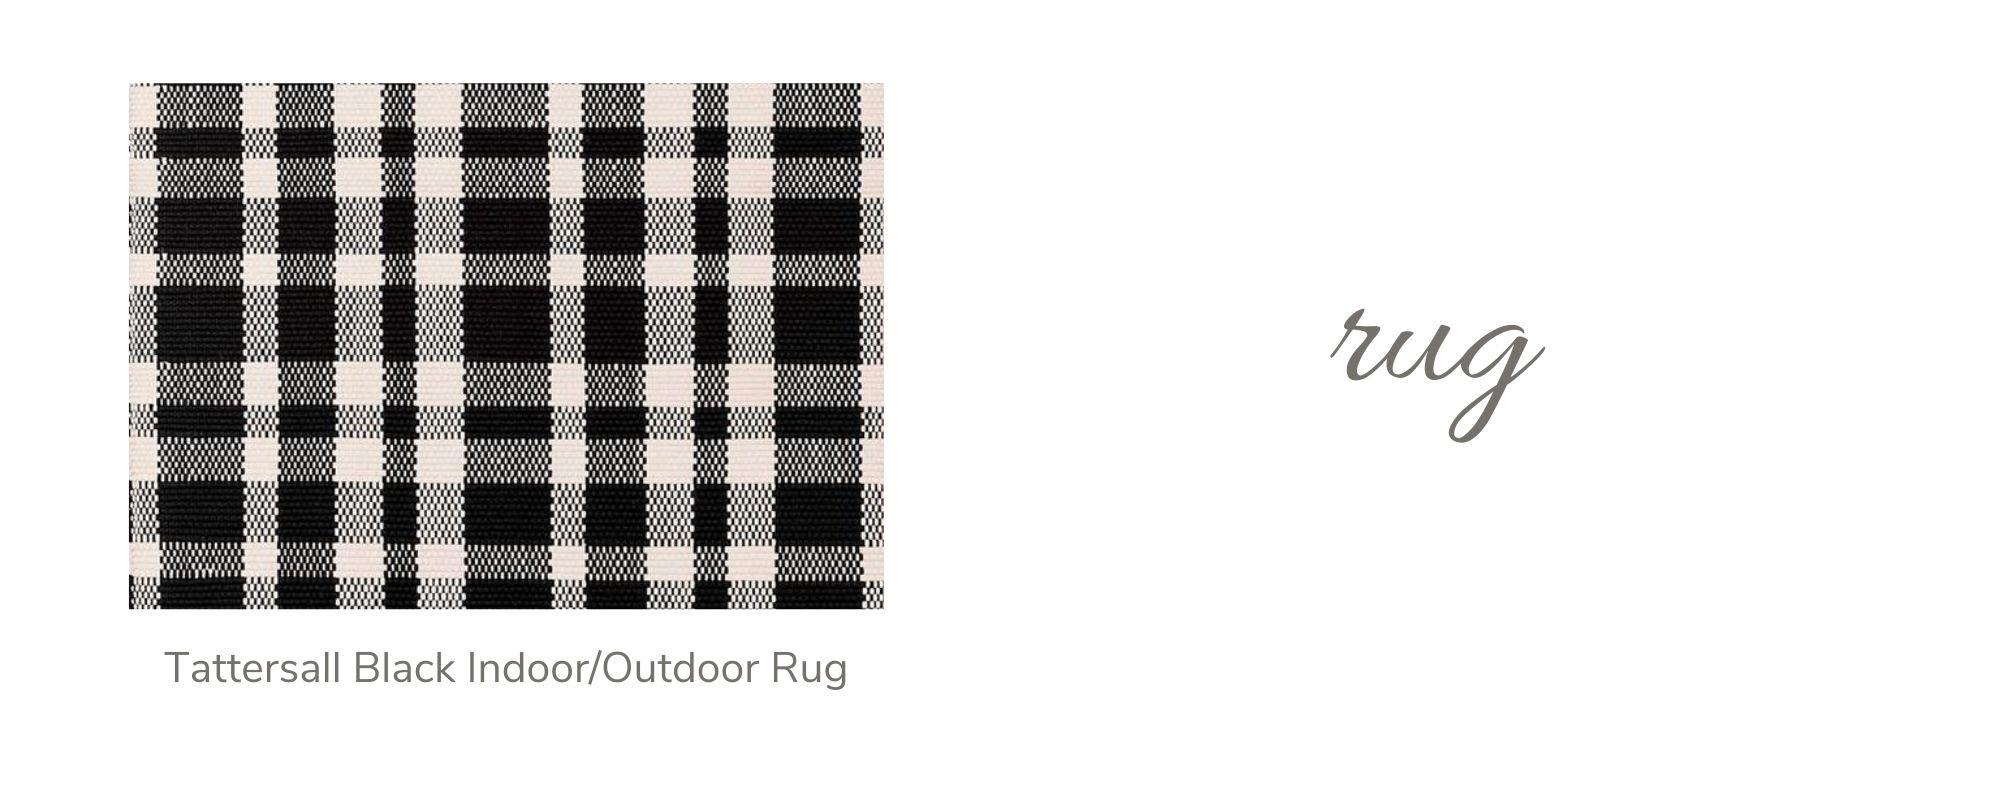 Tattersall Black Indoor/Outdoor Rug